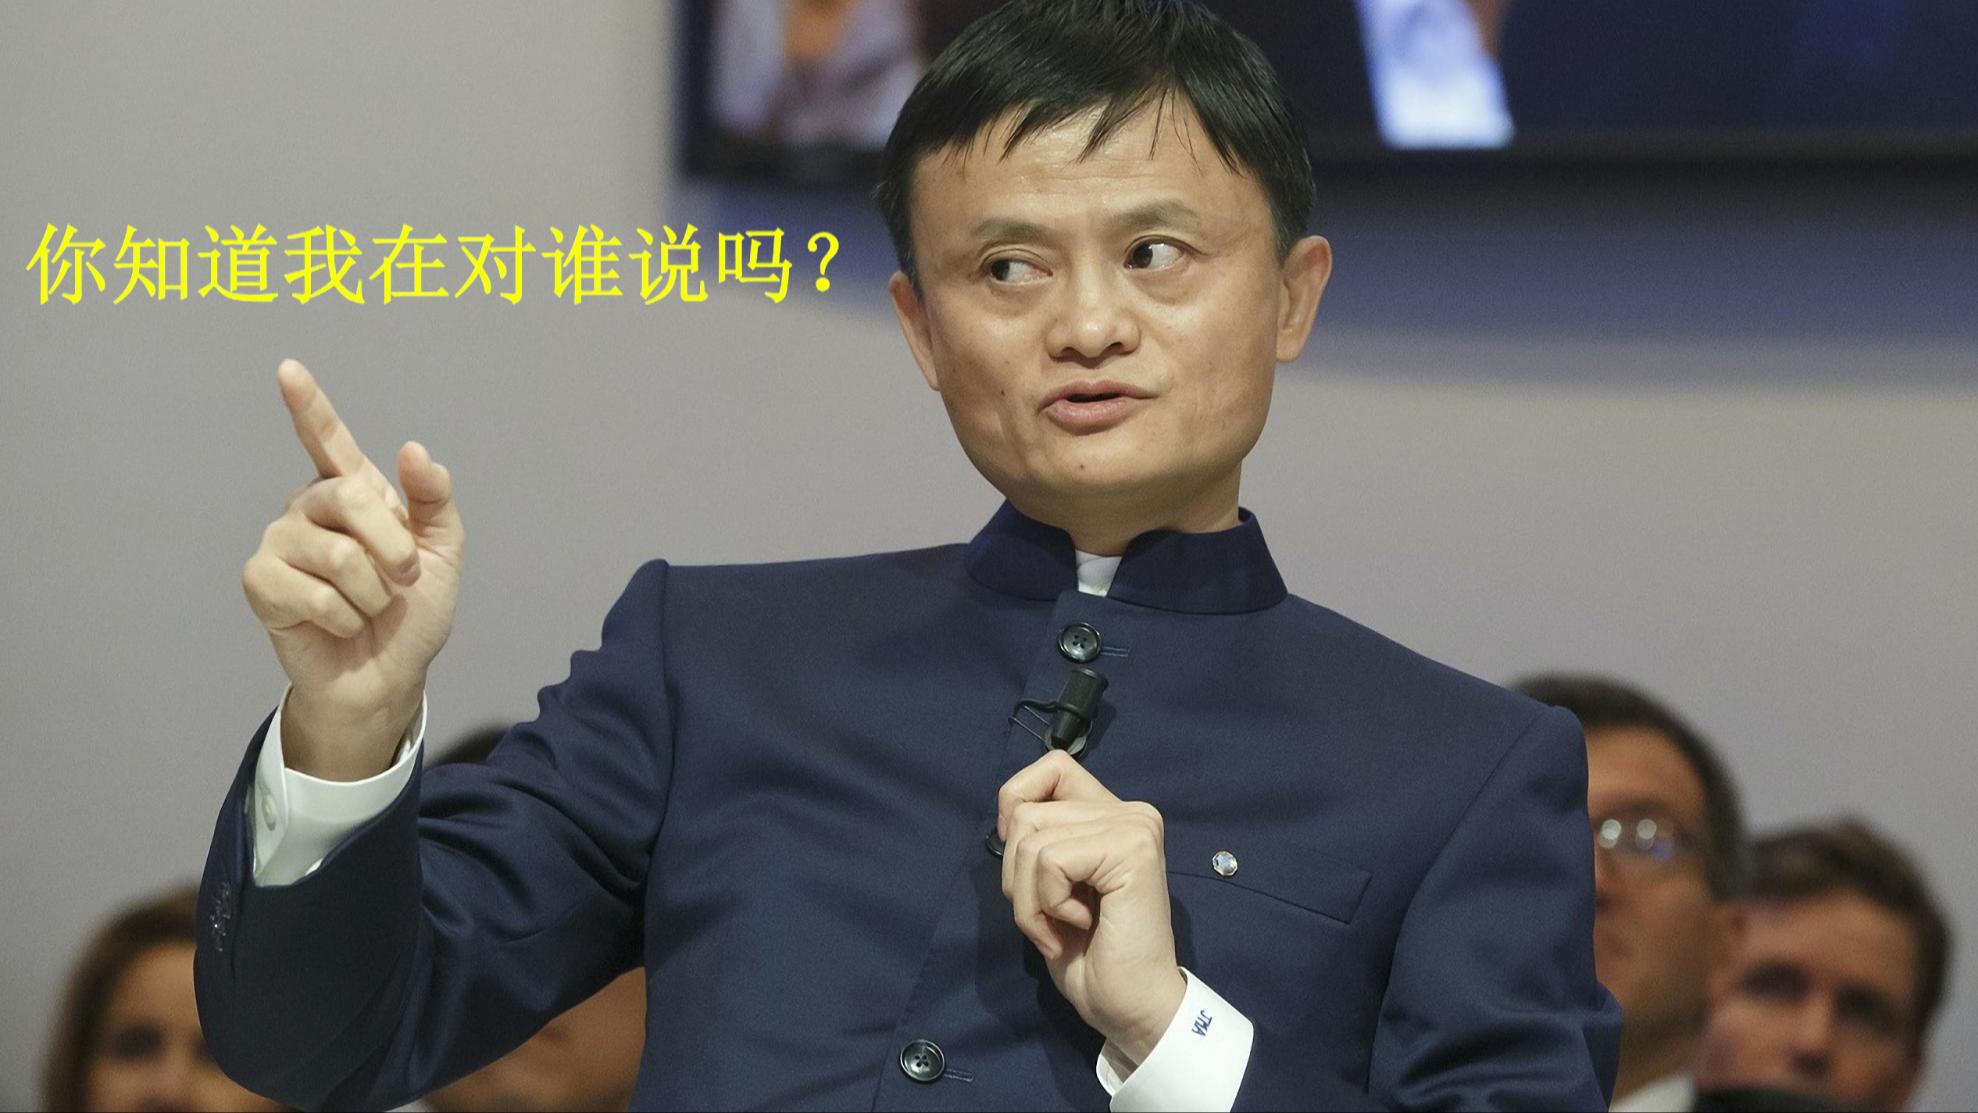 除了外滩金融峰会外,马云还在其他场合乱讲话